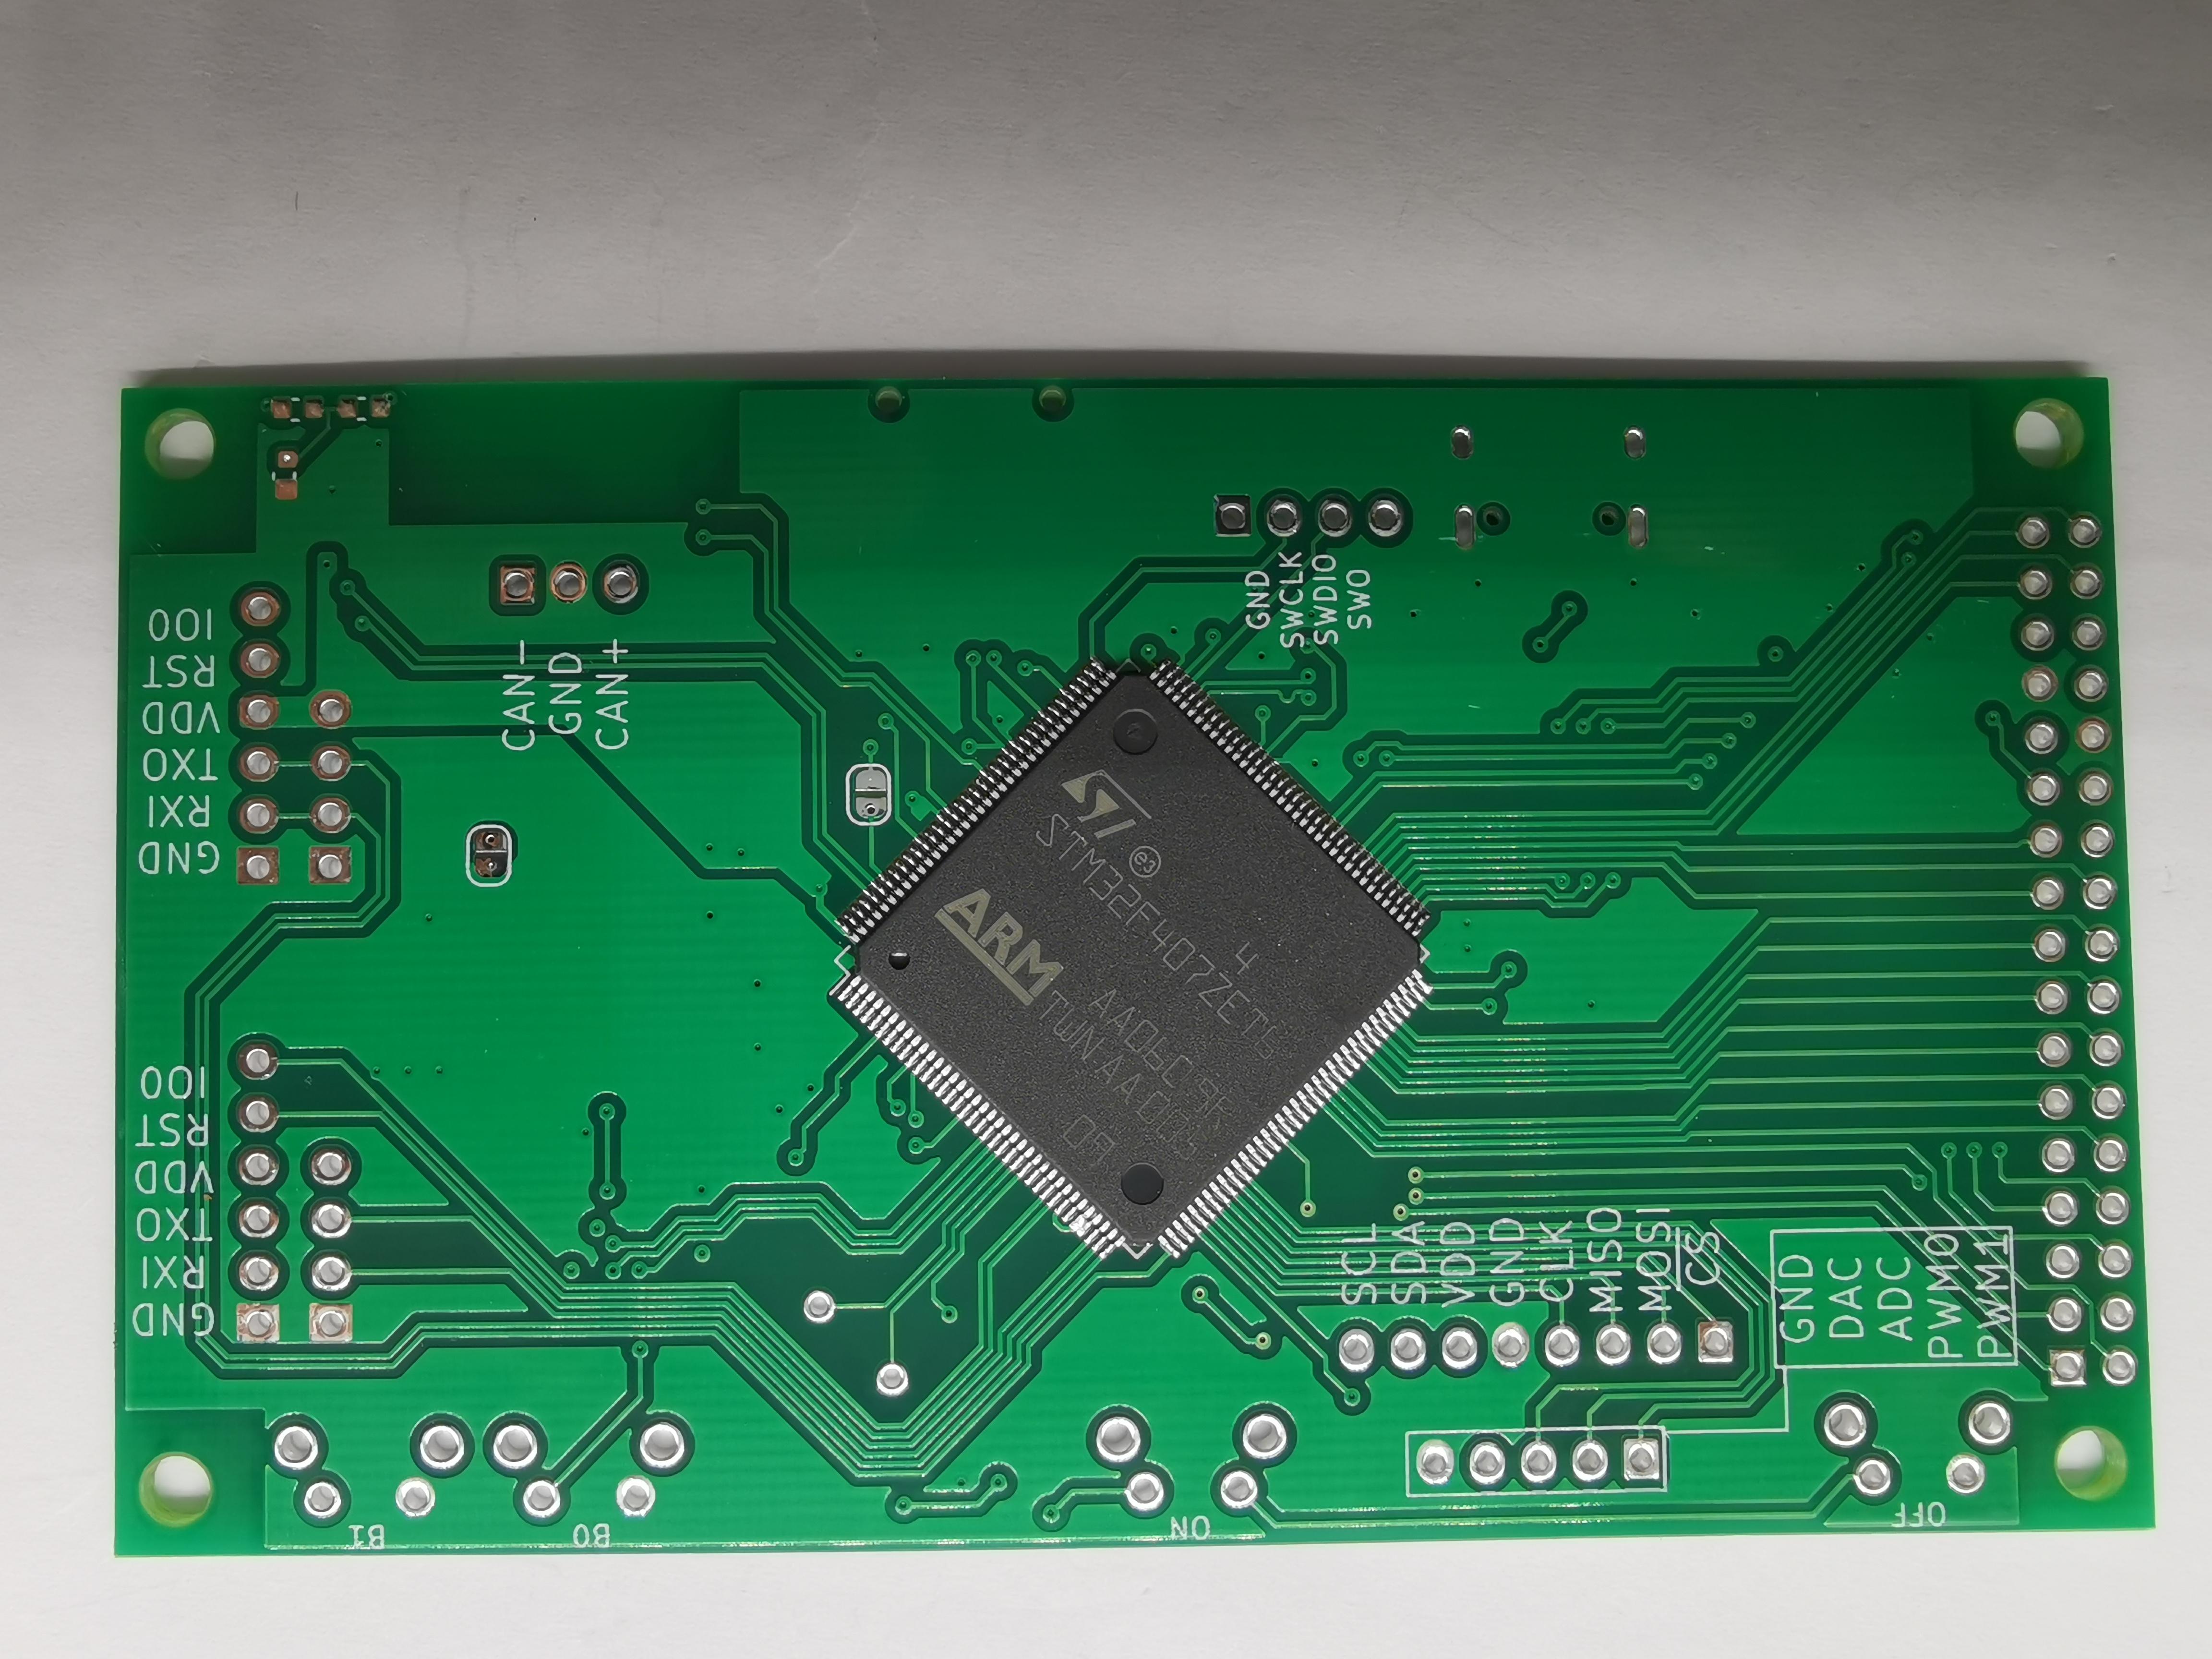 PCBway check image